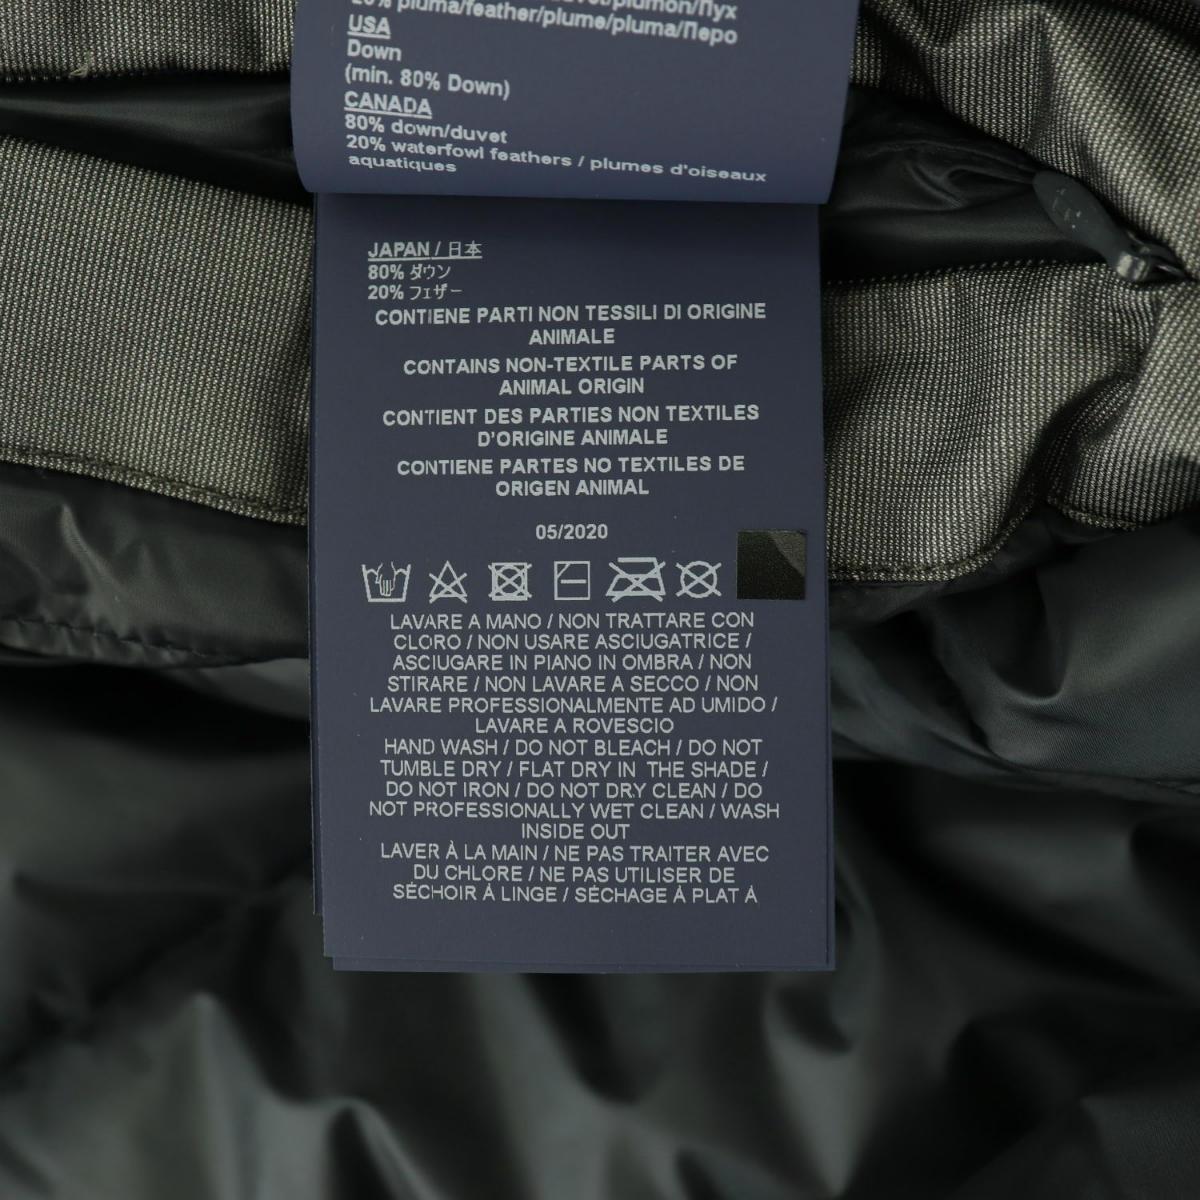 【決算セール】ヘルノ HERNO メンズ ラミナー ゴアテックス フーテッドシングルチェスターダウンコート GORETEX LAMINAR PI154UL-11121/H 9201 (ネイビー)秋冬新作【返品交換不可】